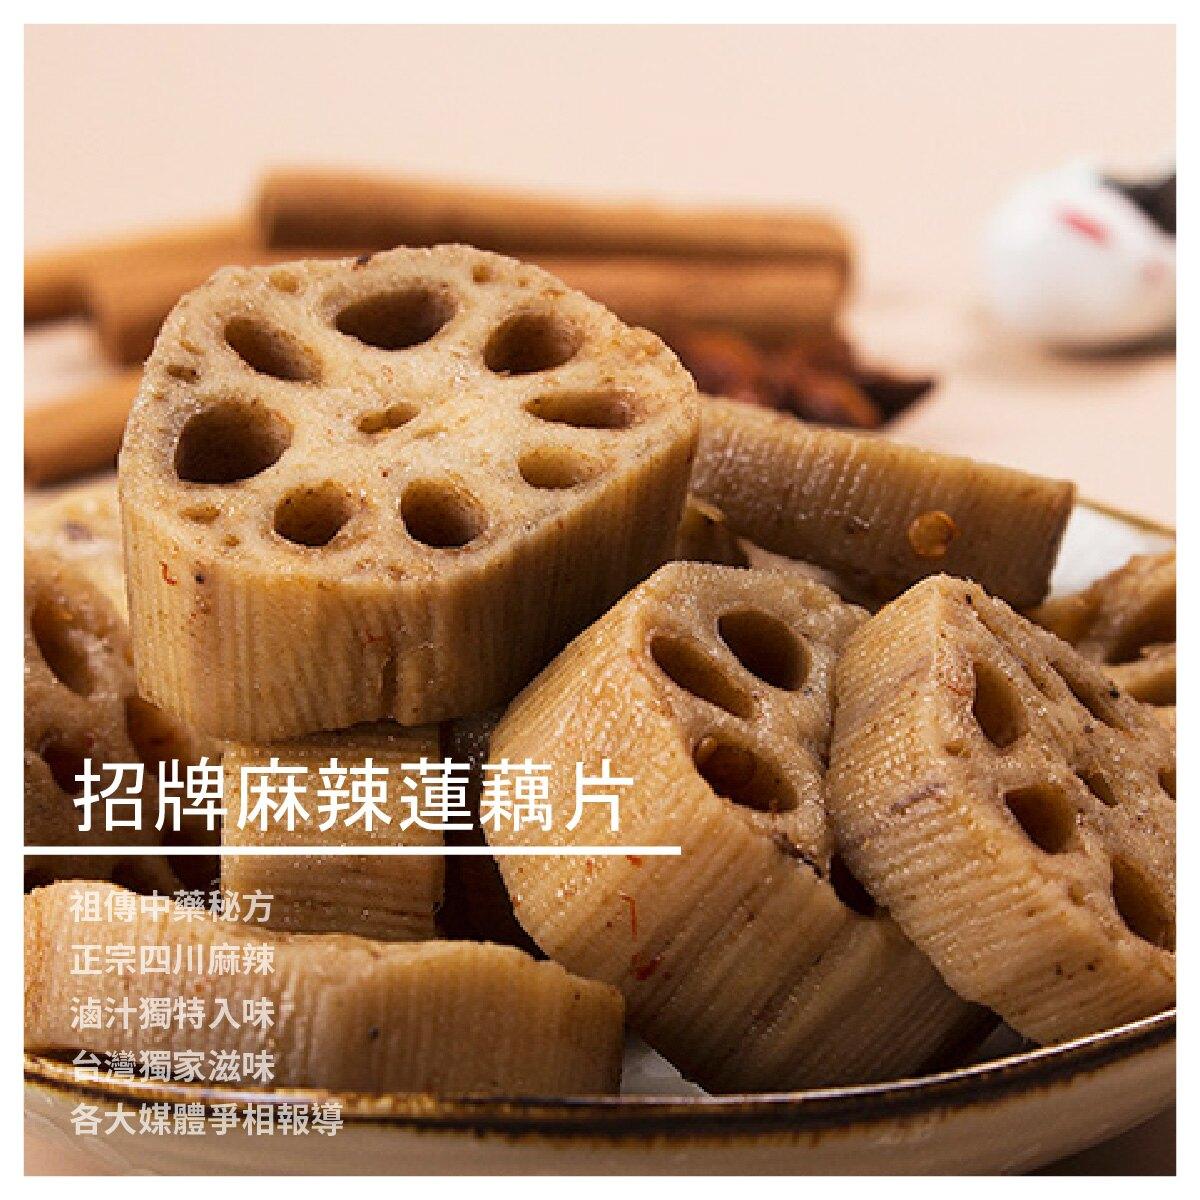 【榮榮麻辣滷味】招牌麻辣蓮藕片/200g/四種辣度